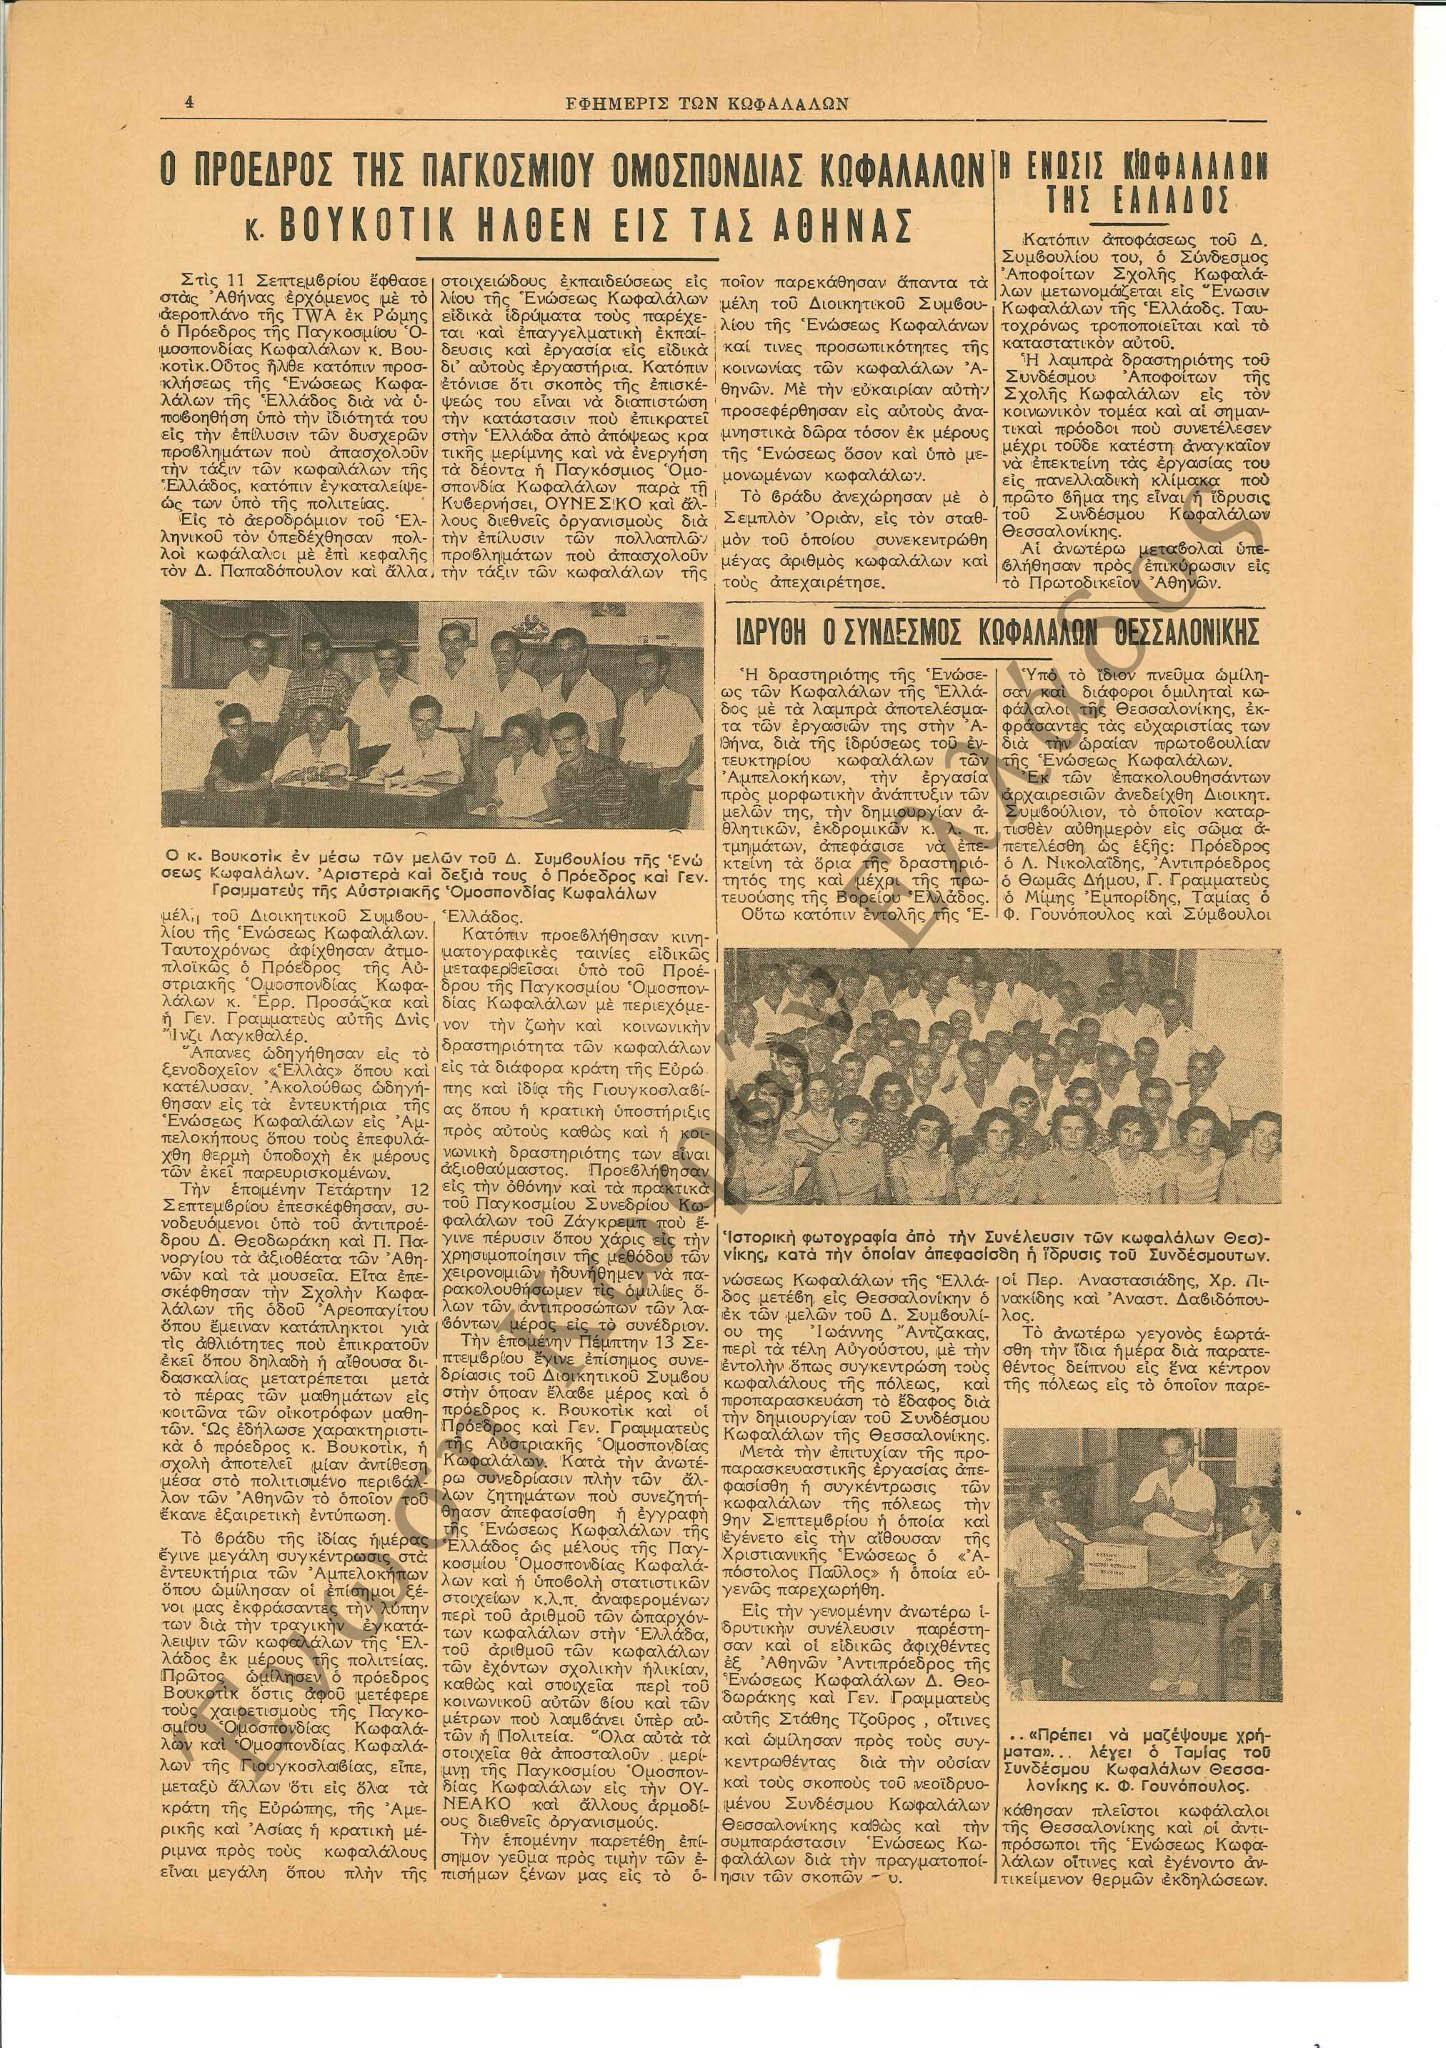 Εφημερίς των Κωφαλάλων 1956-Νοέμβριος 4